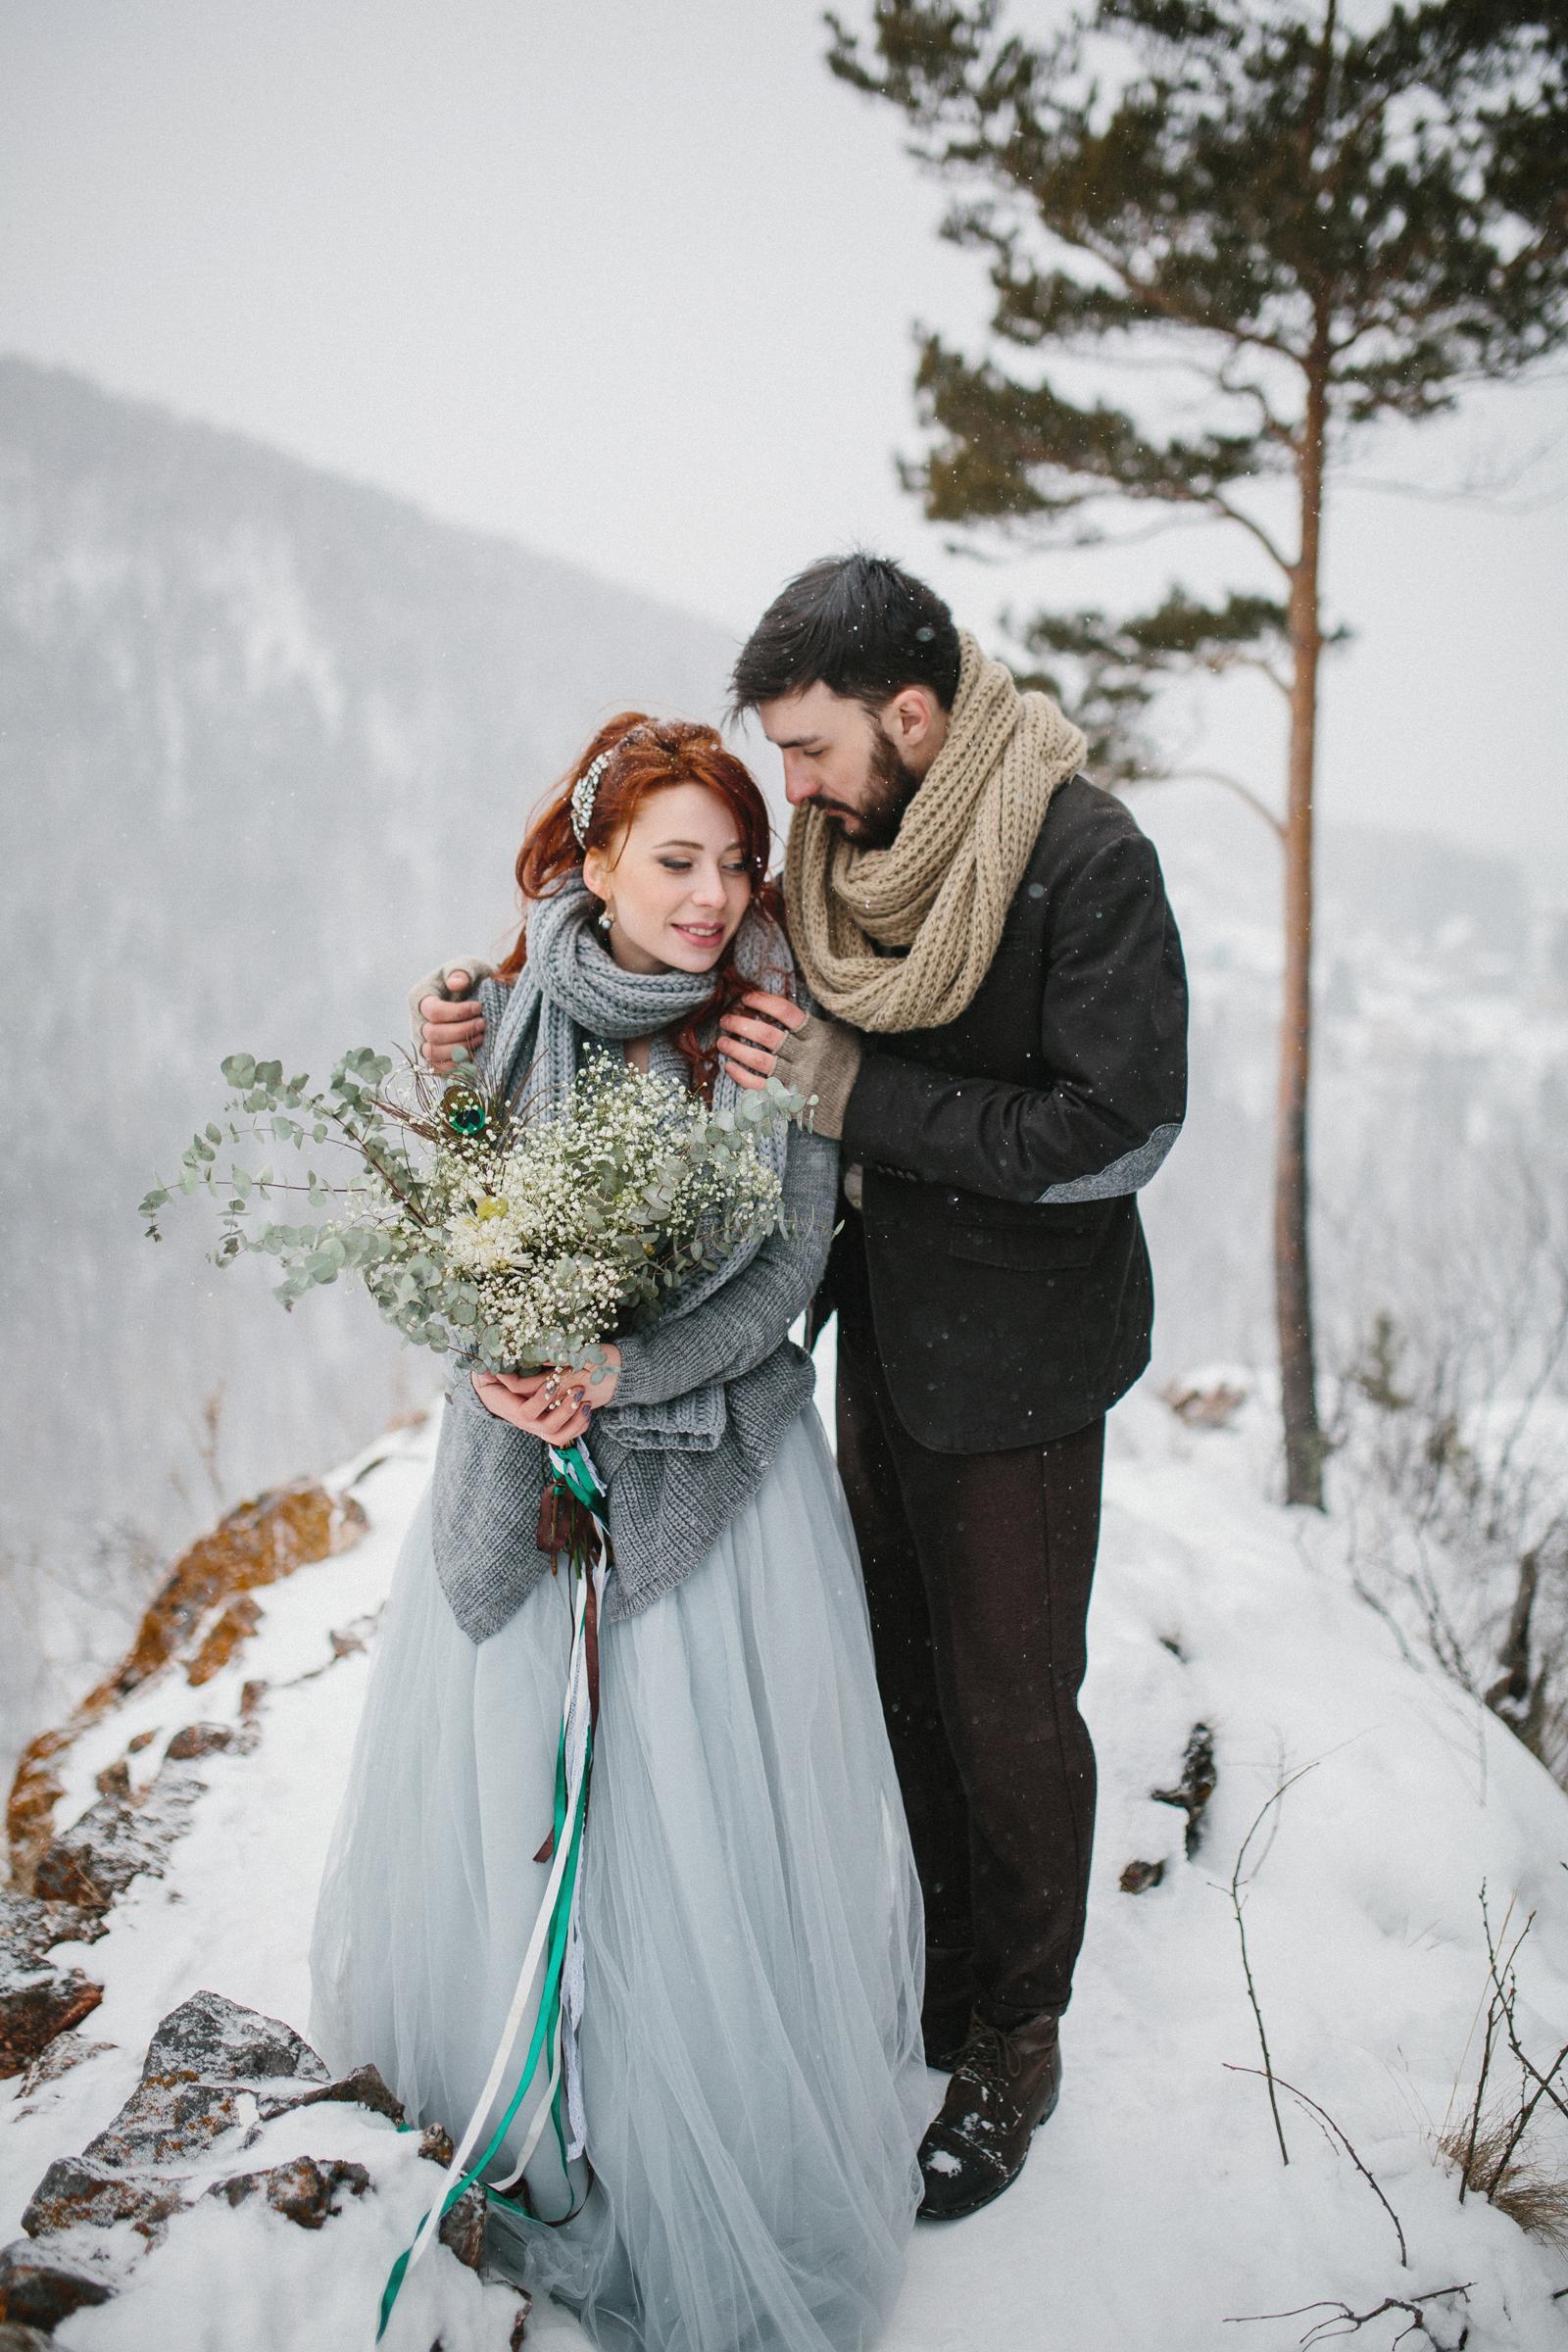 Bilder von Bräutigam Brautpaar Sträuße Zwei Liebe Winter Umarmung Mädchens Schnee 2